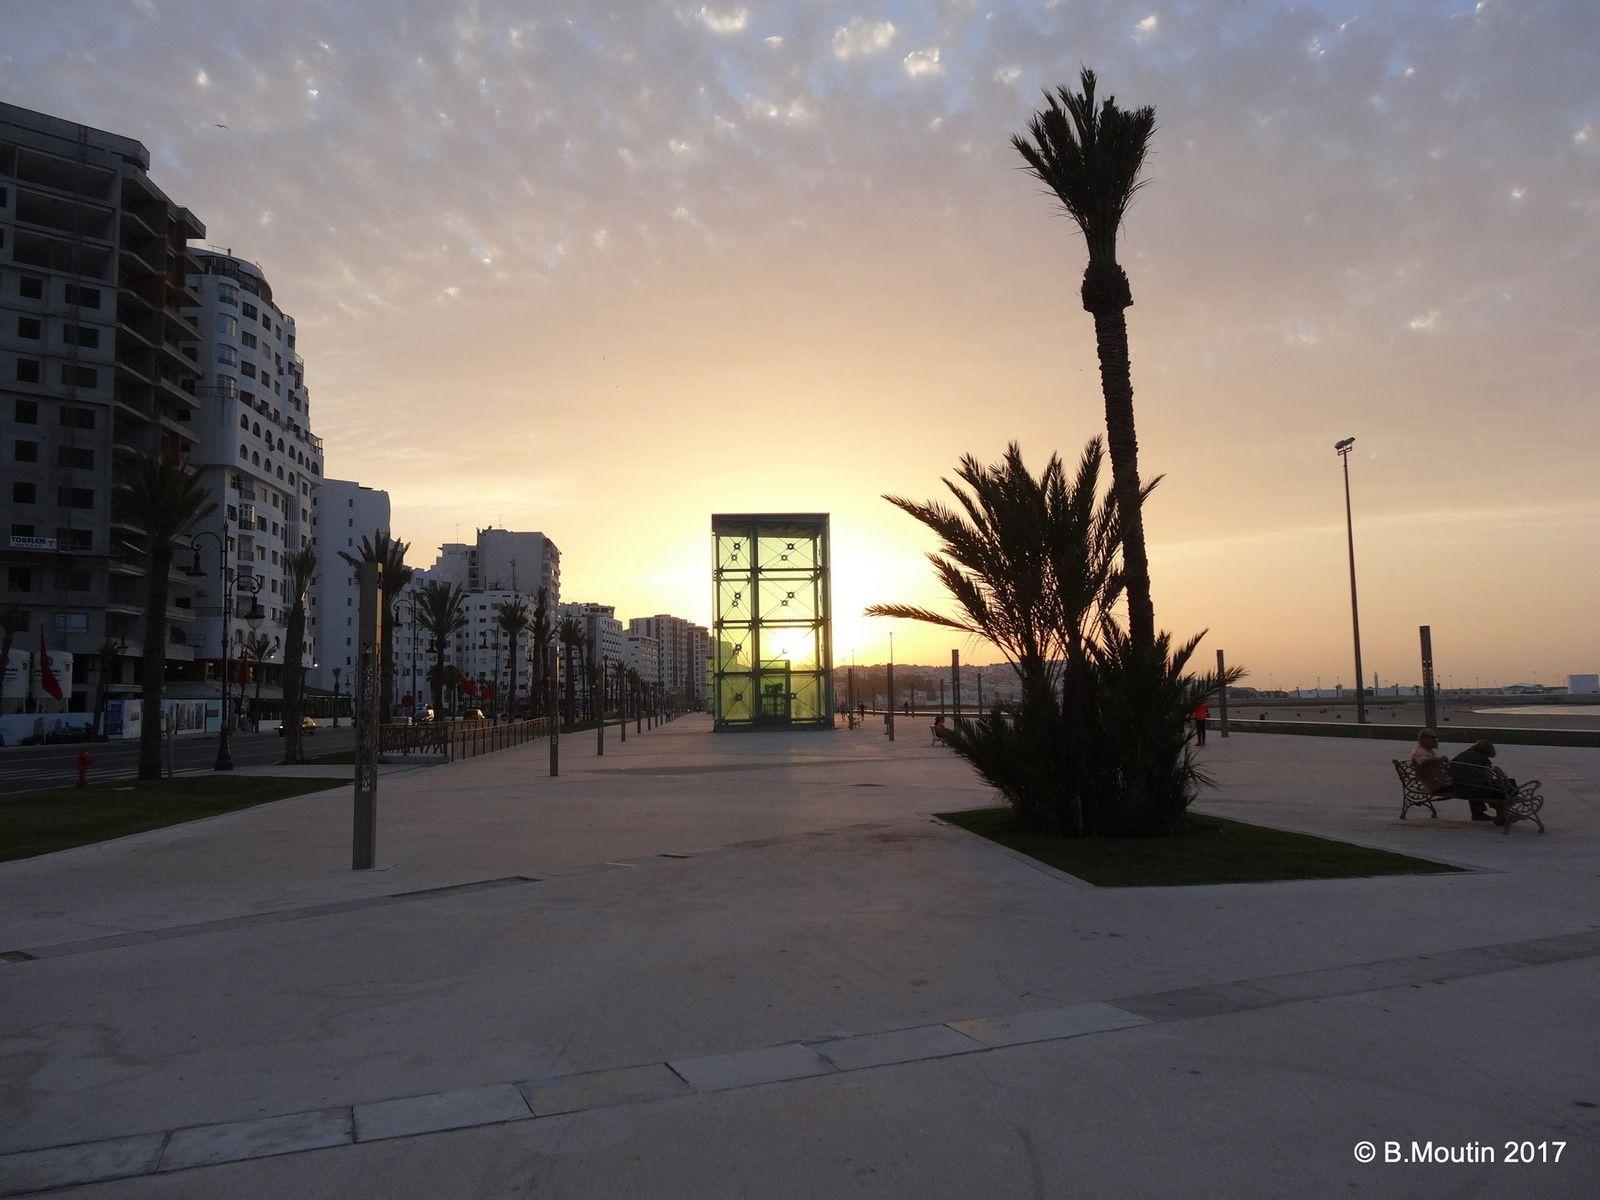 L'esplanade de la corniche à Tanger au coucher du soleil